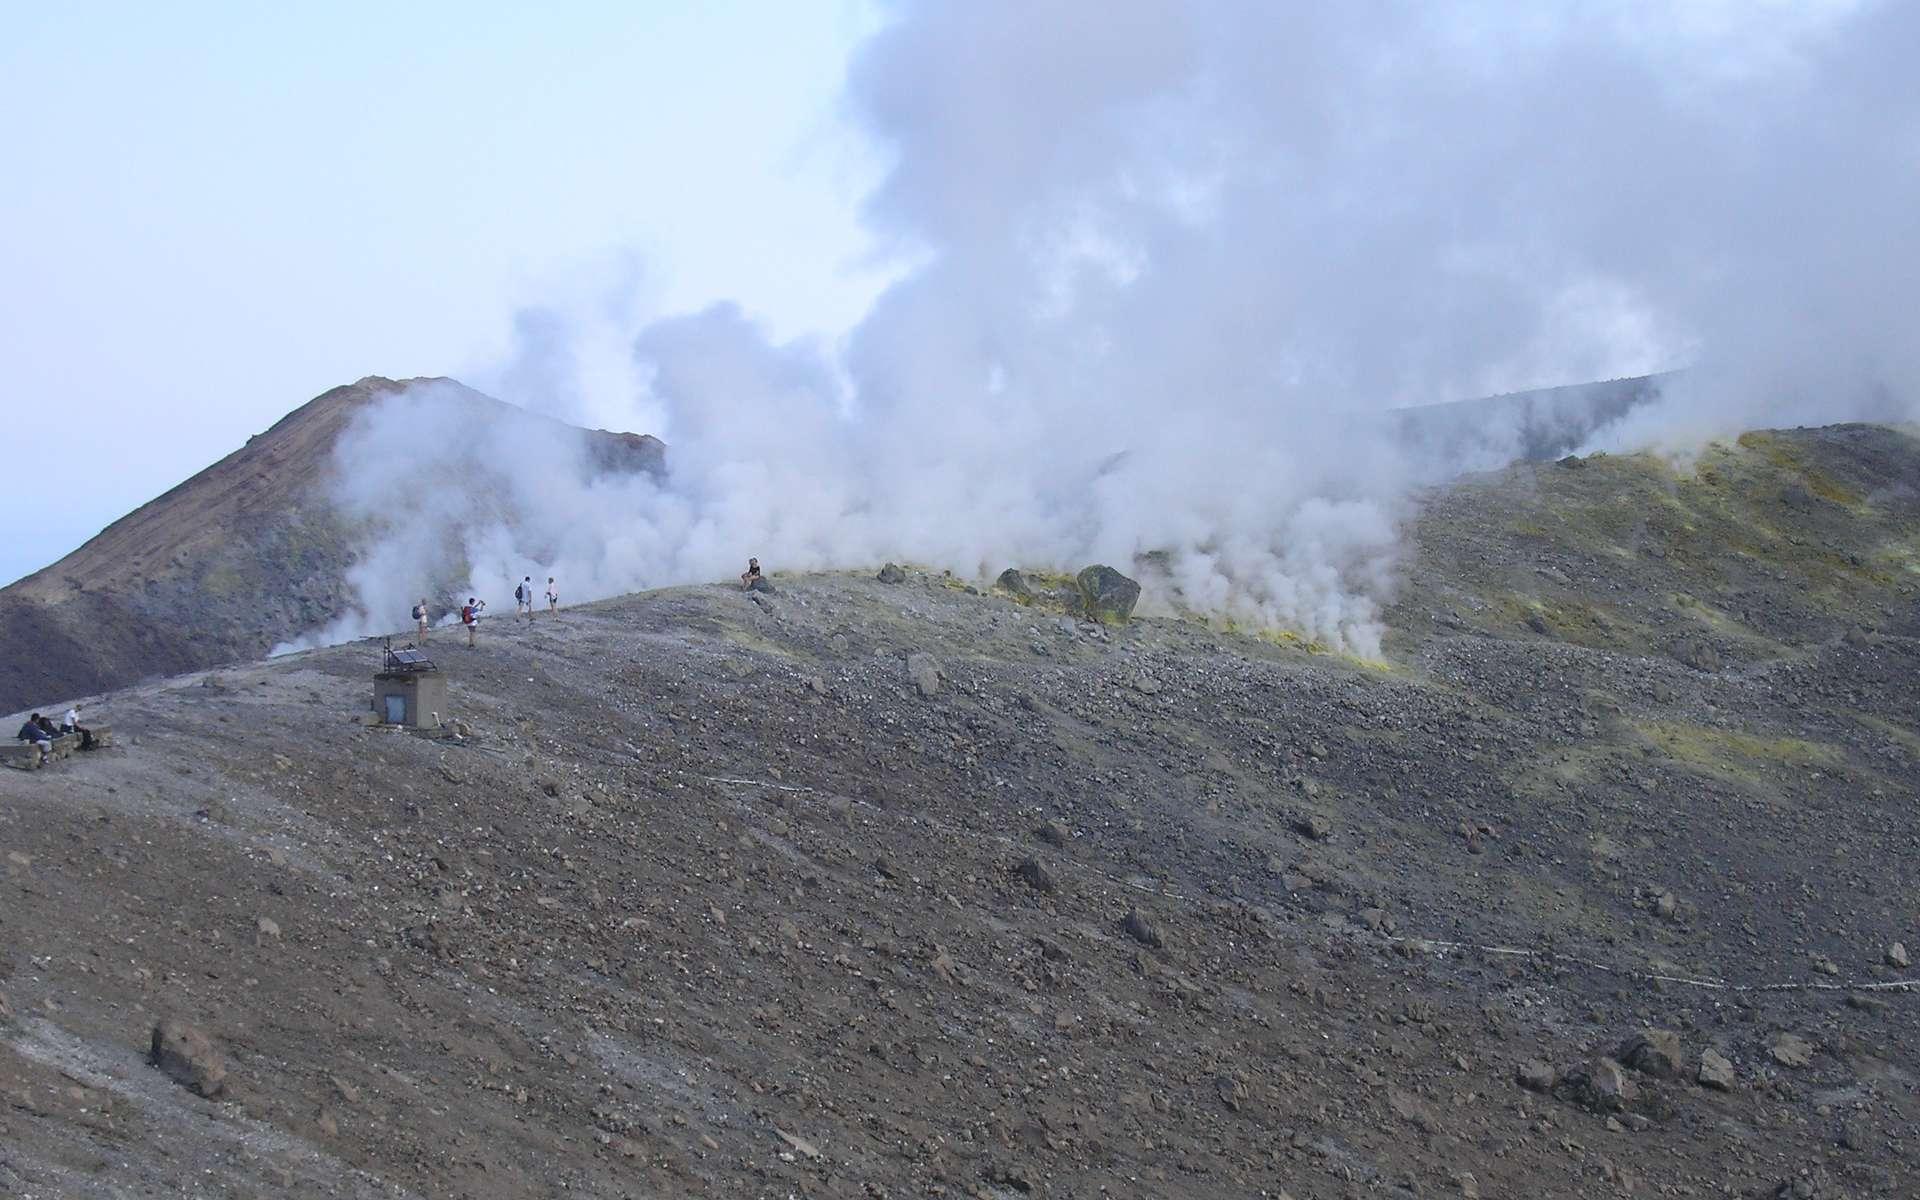 Les fumerolles s'élevant du cratère de Vulcano Fossa sont riches en eau. Crédit : Laurent sacco/Futura-Sciences